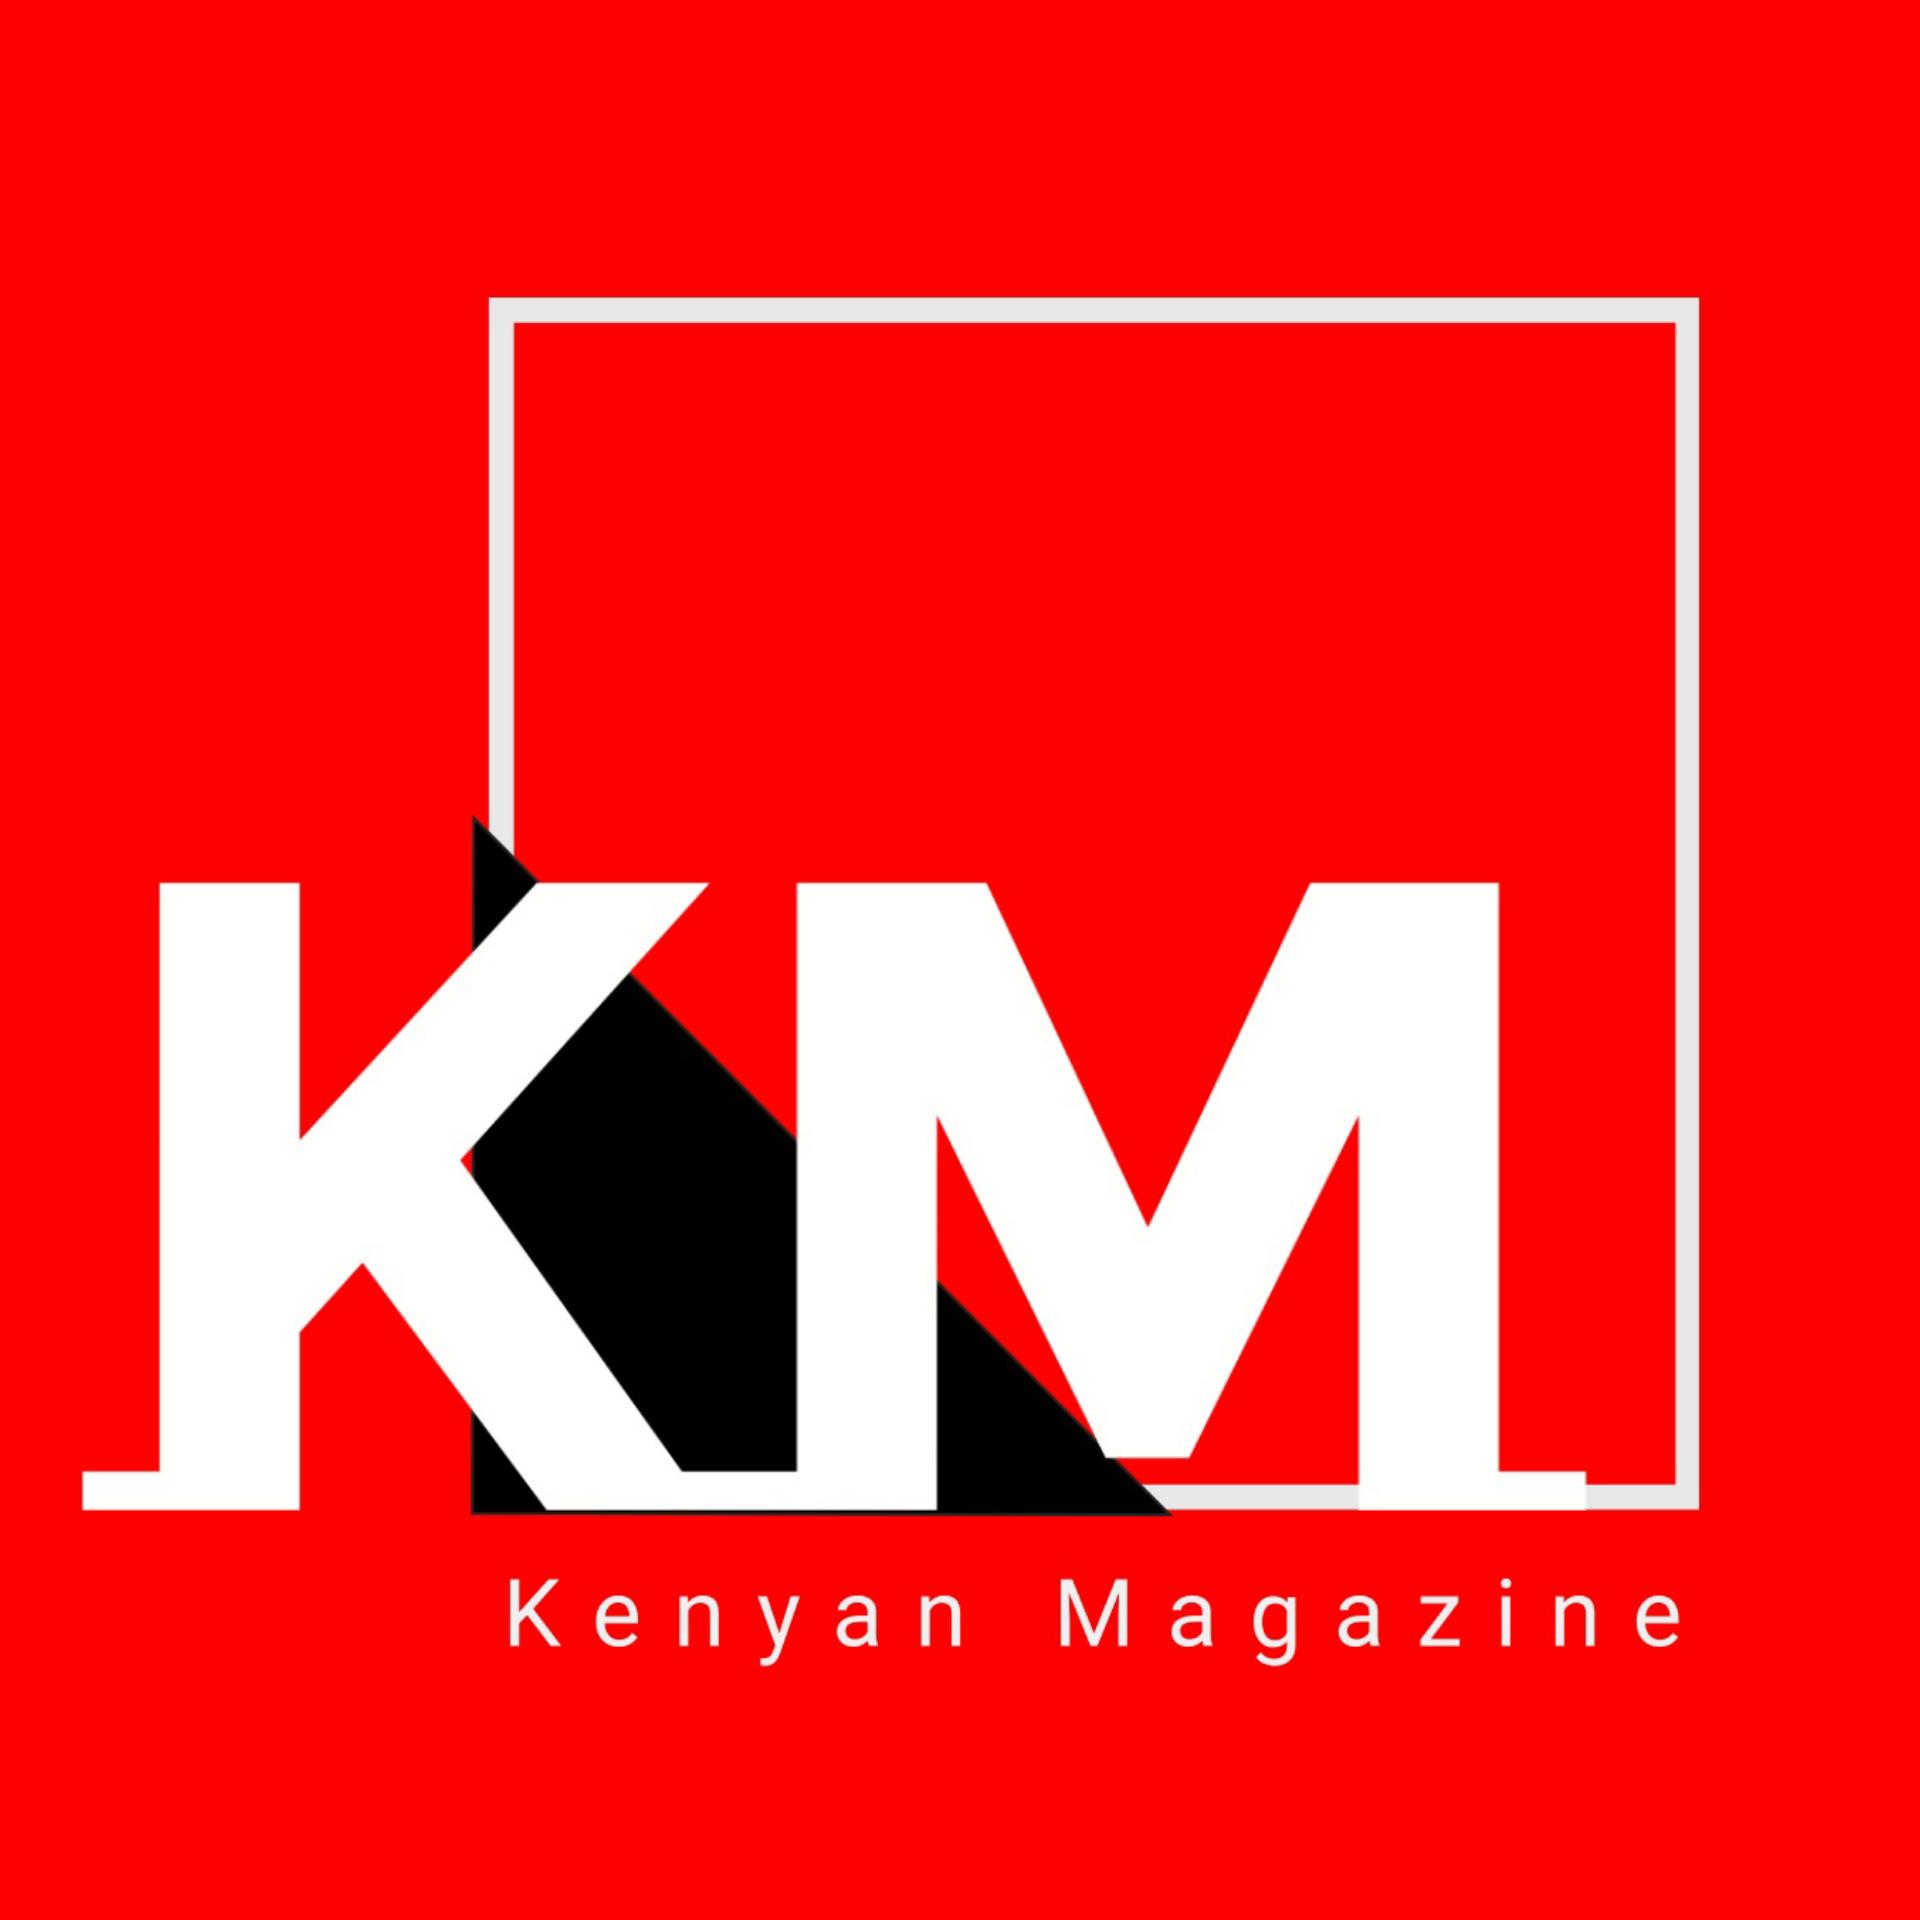 Kenyan Magazine